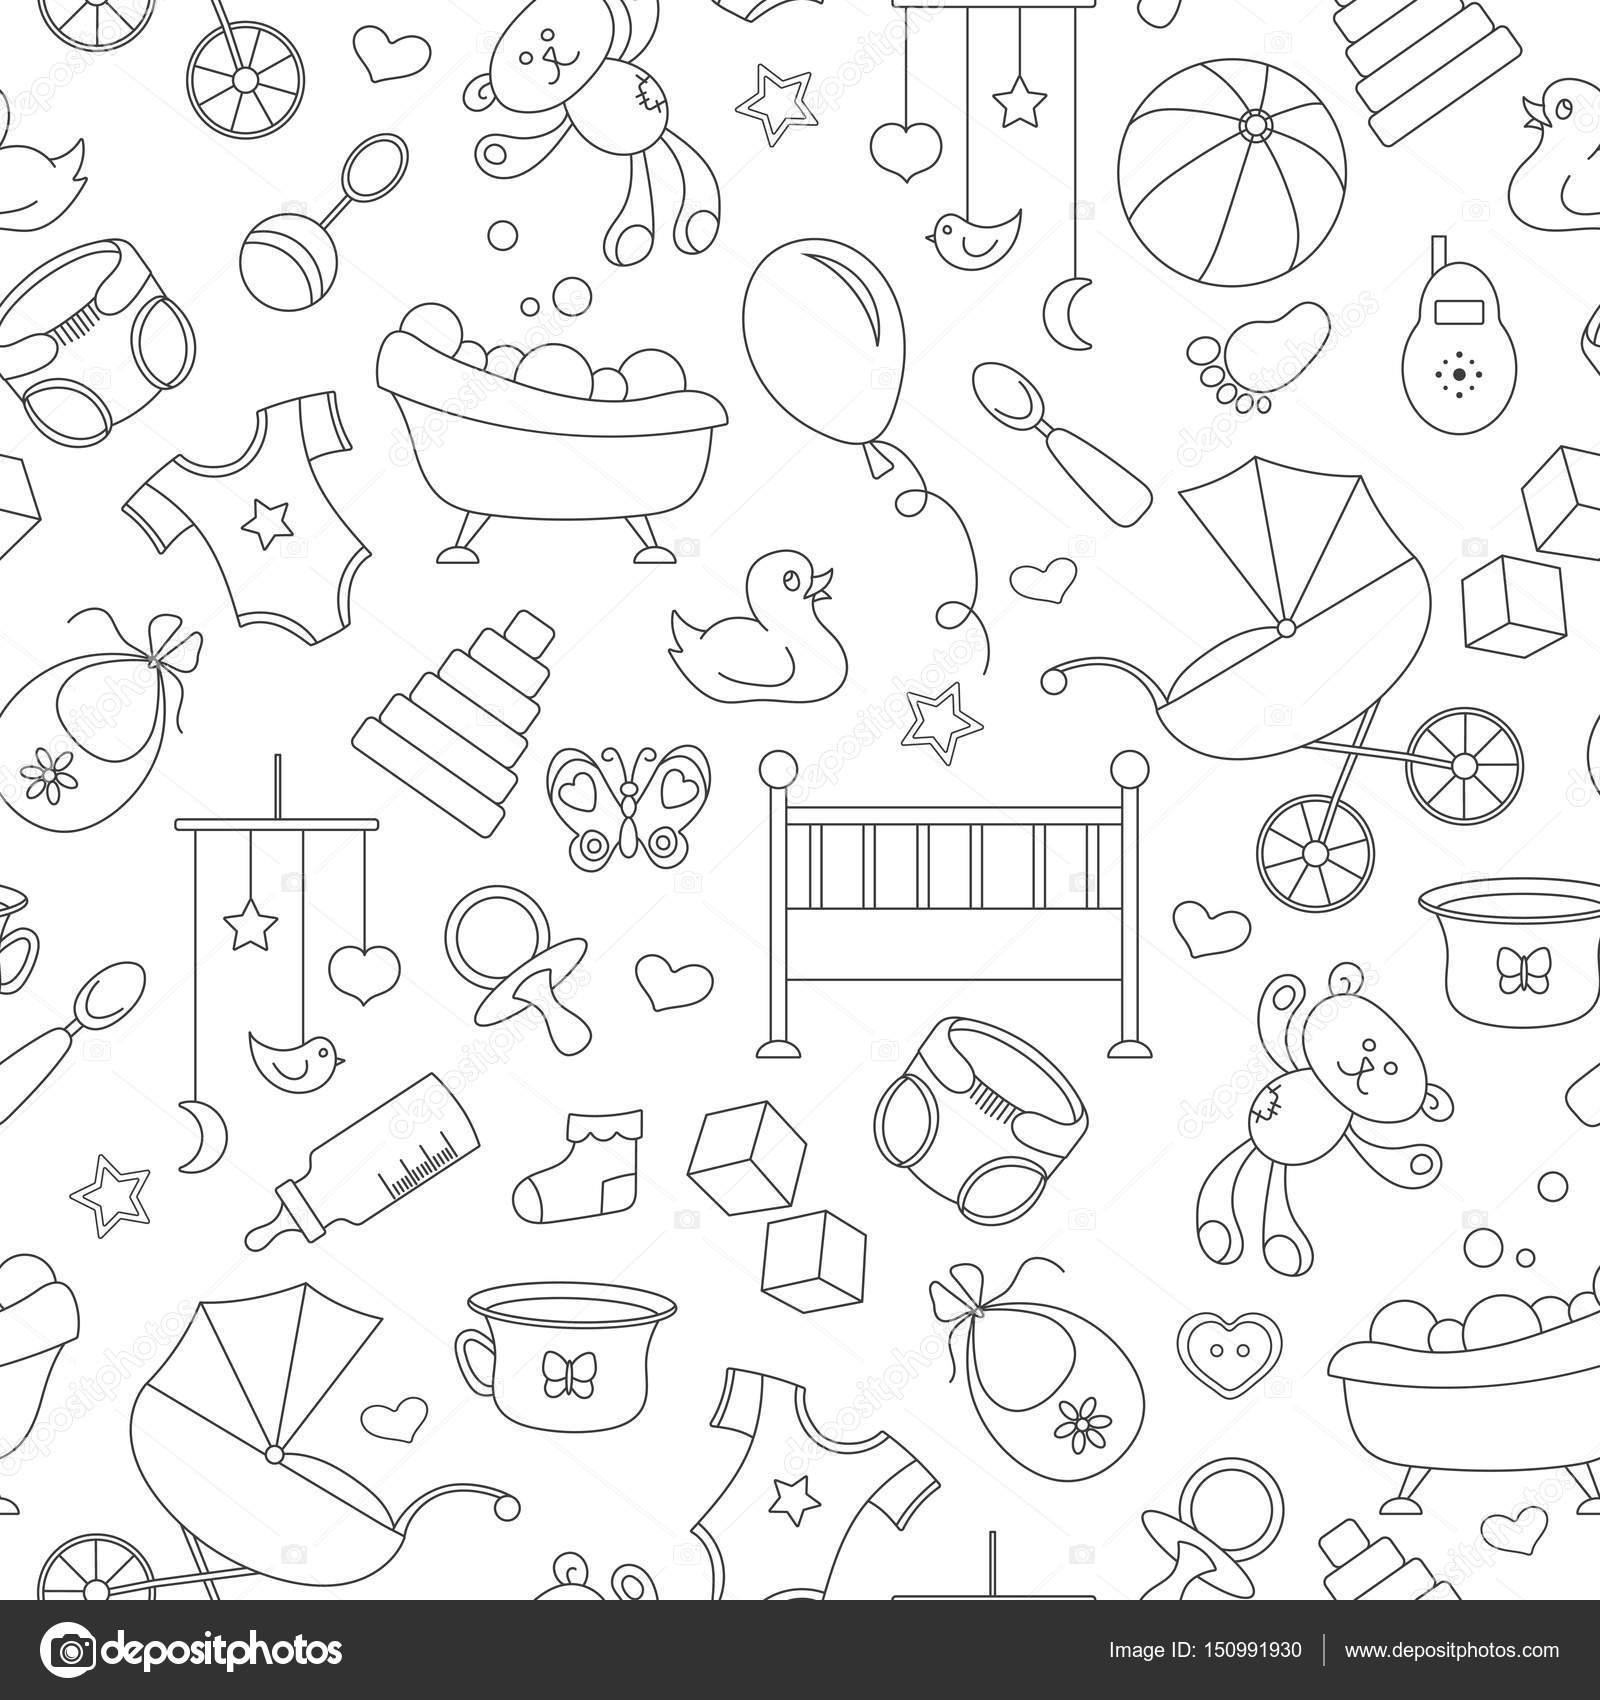 Patrones en blanco y negro para bebé | De patrones sin fisuras sobre ...